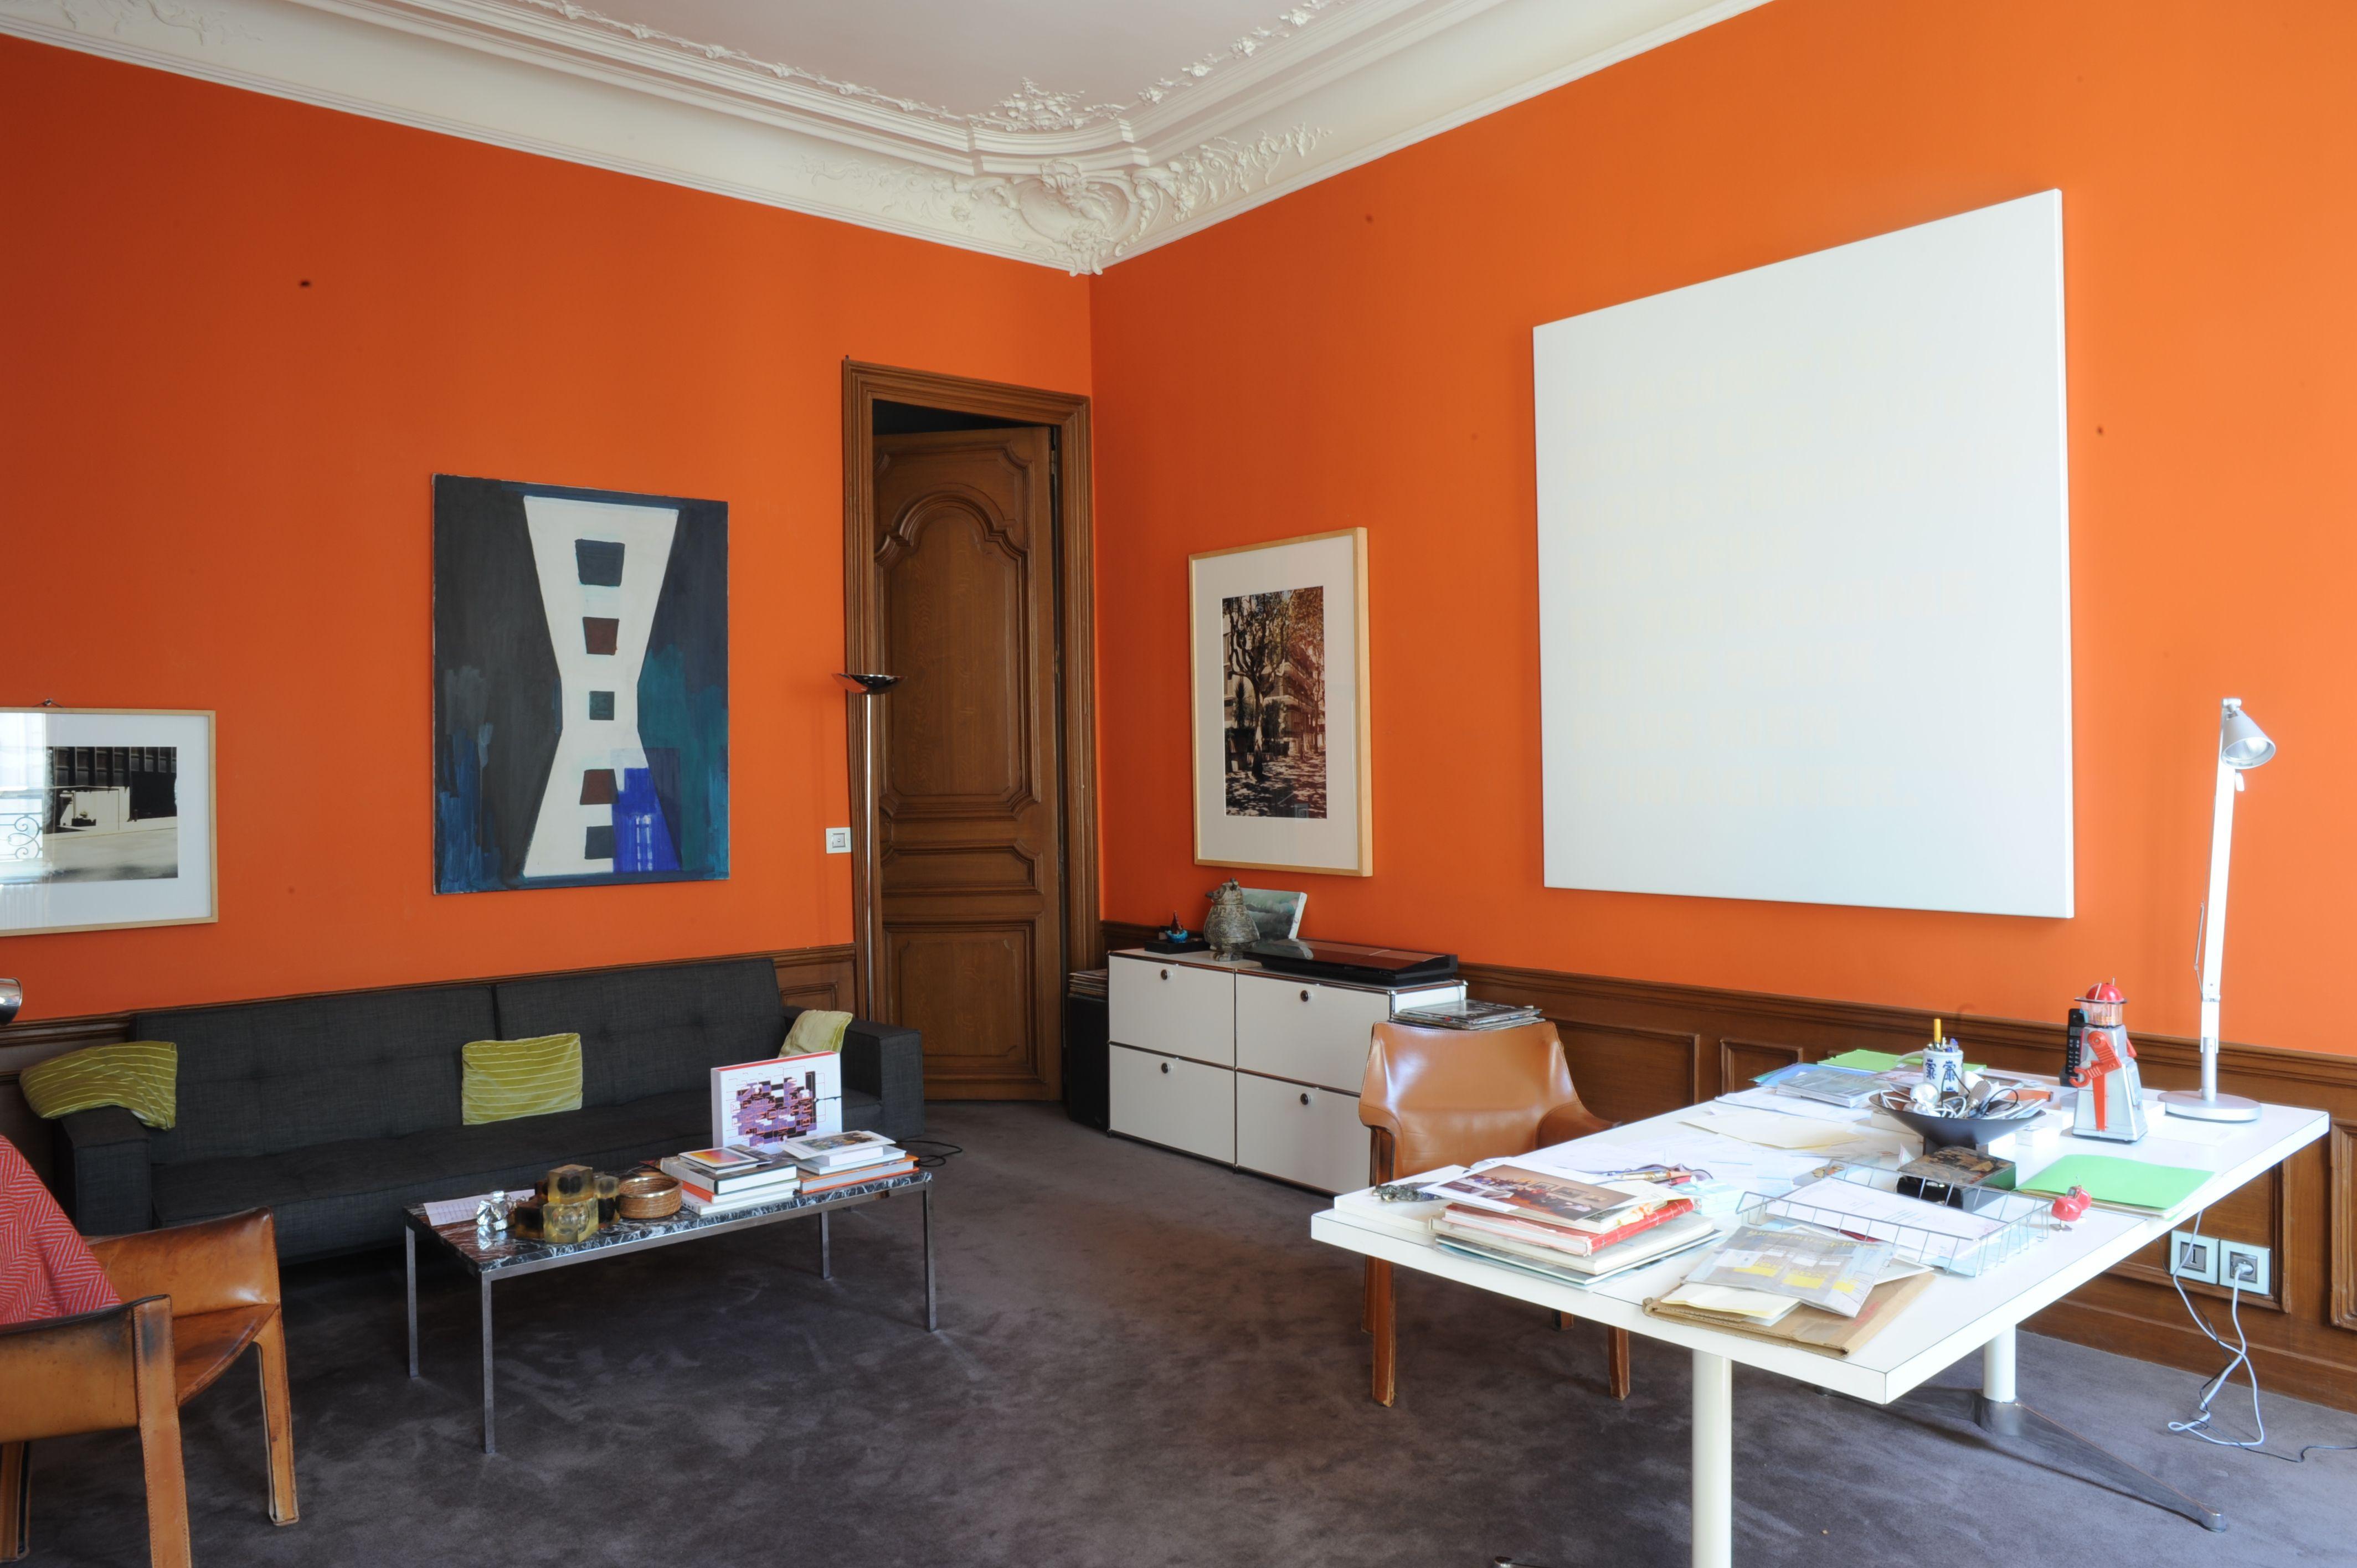 El hogar del artista francés, escultor y fotógrafo Jean-Marc Bustamante, en París.